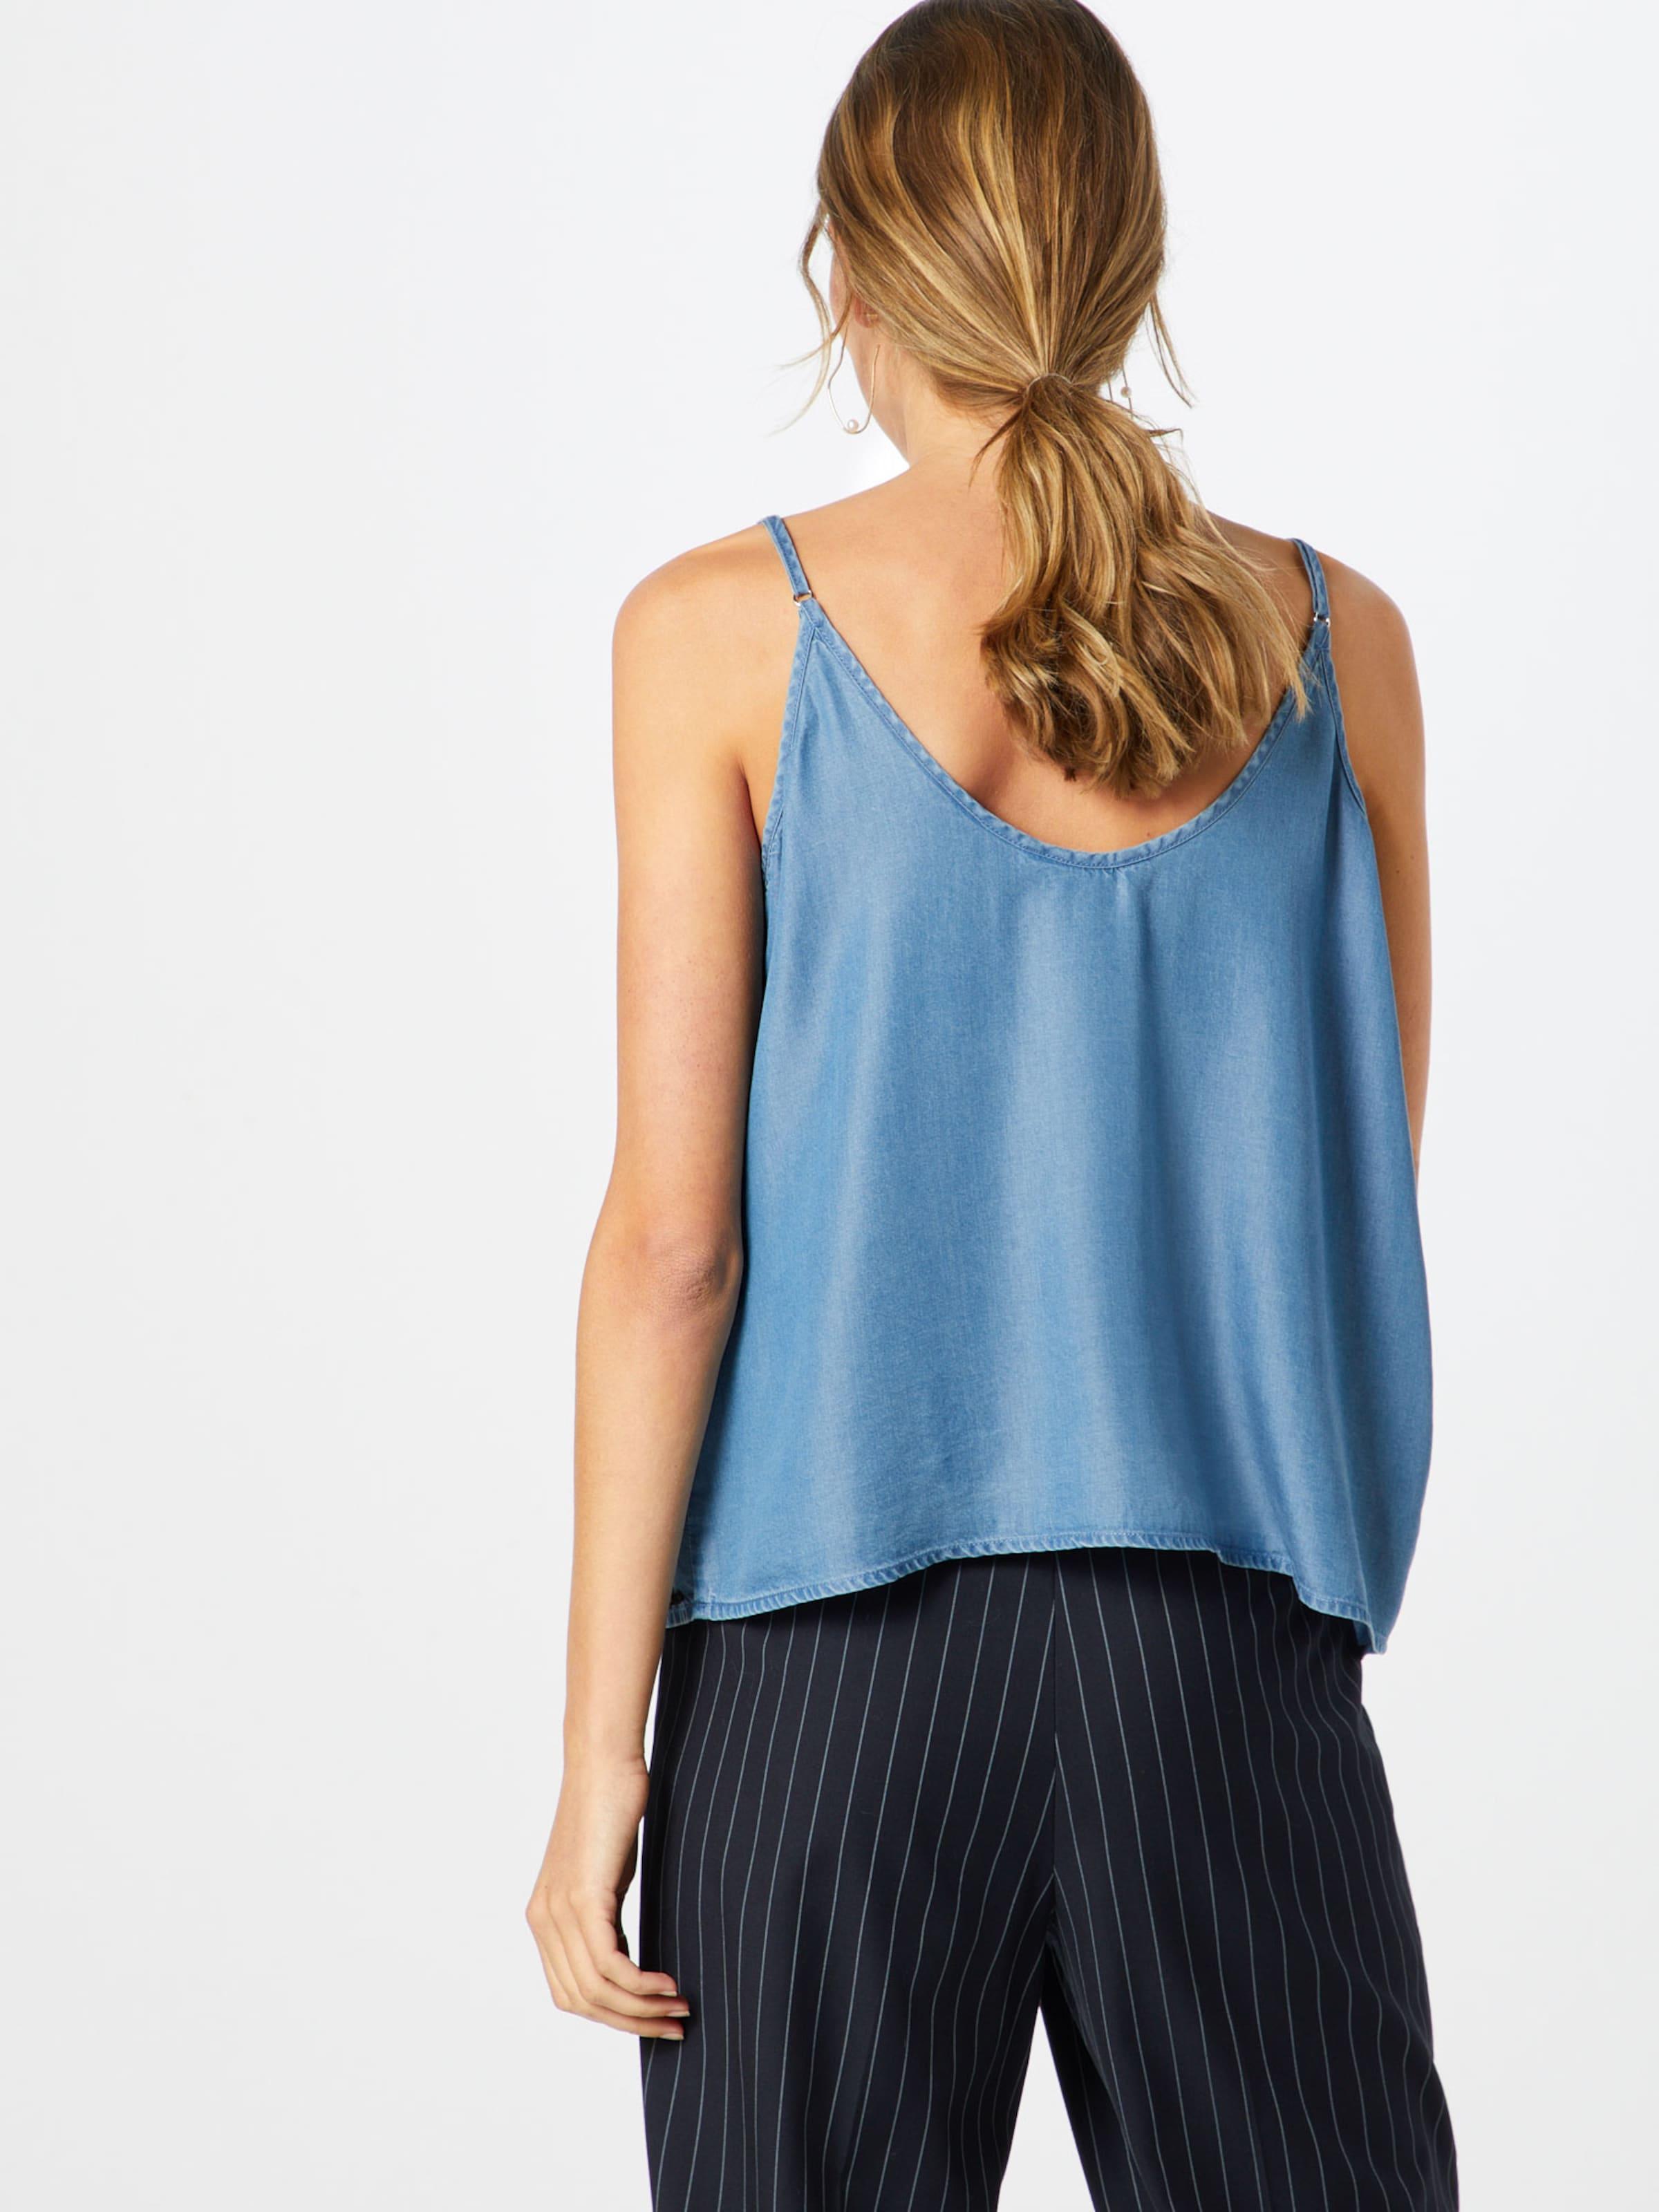 Haut Bleu Nümph 'junia' Ciel En rdeCBxoW